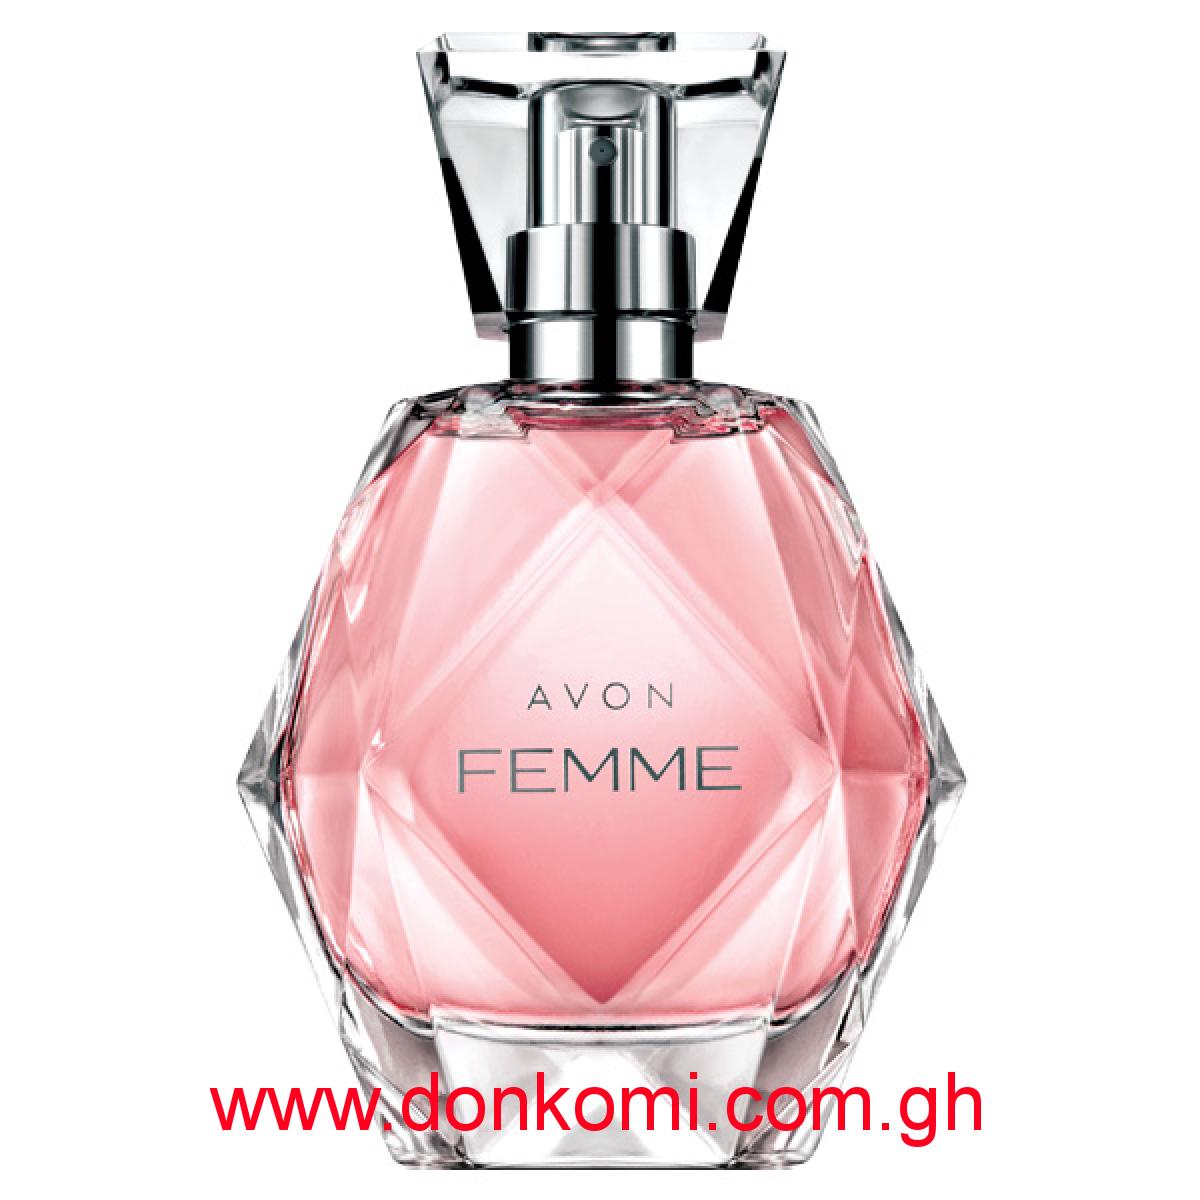 Avon Femme Eau de Parfum